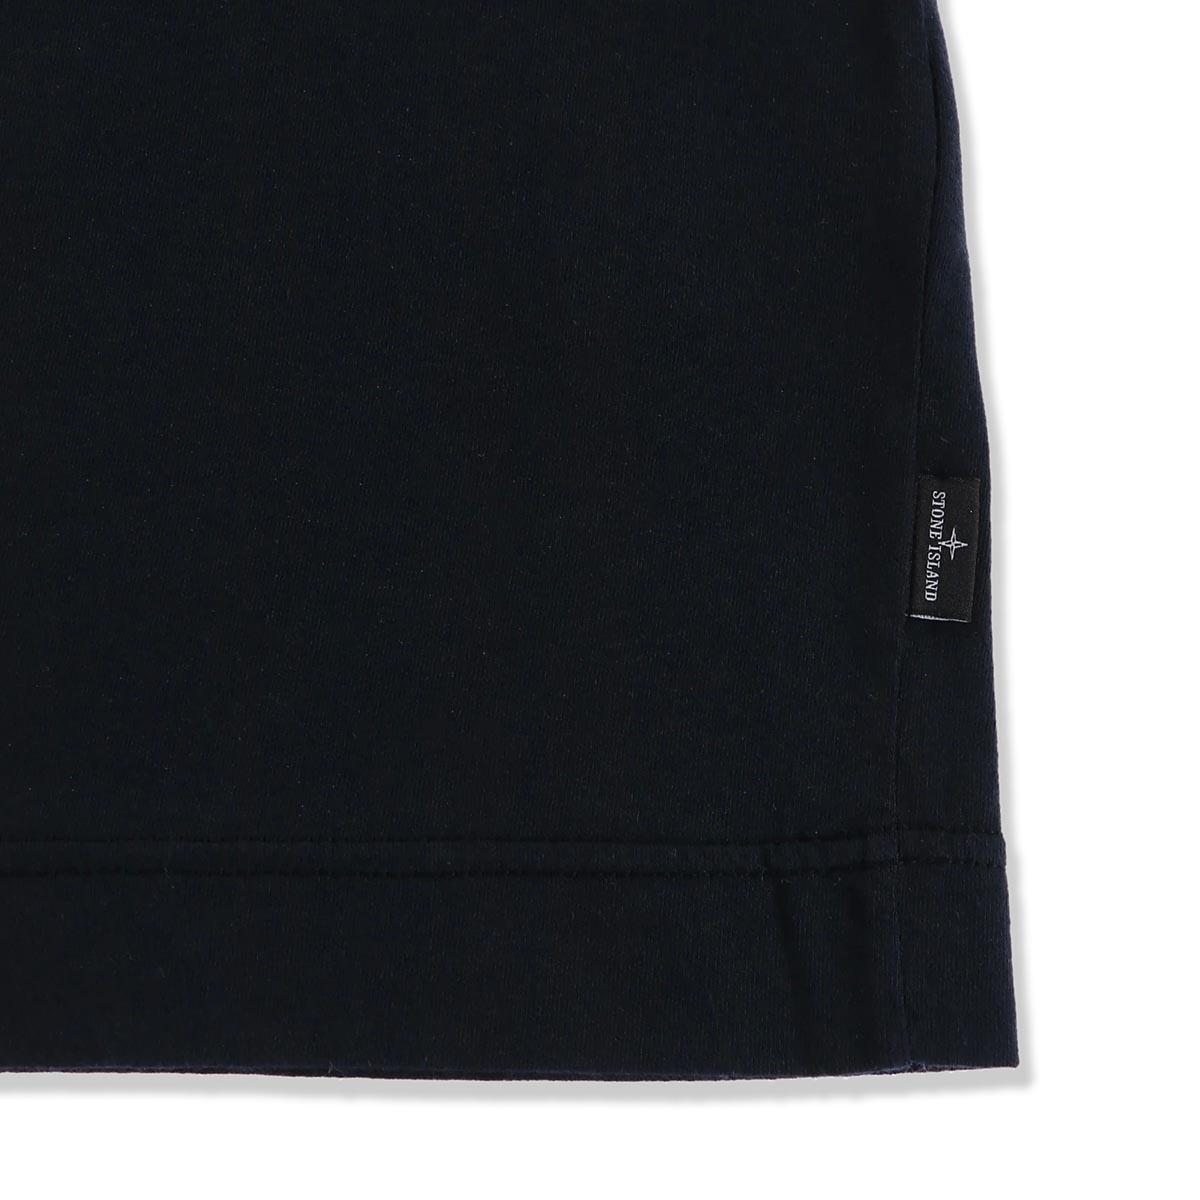 【アウトレット】【ラスト1点】 クルーネックTシャツ